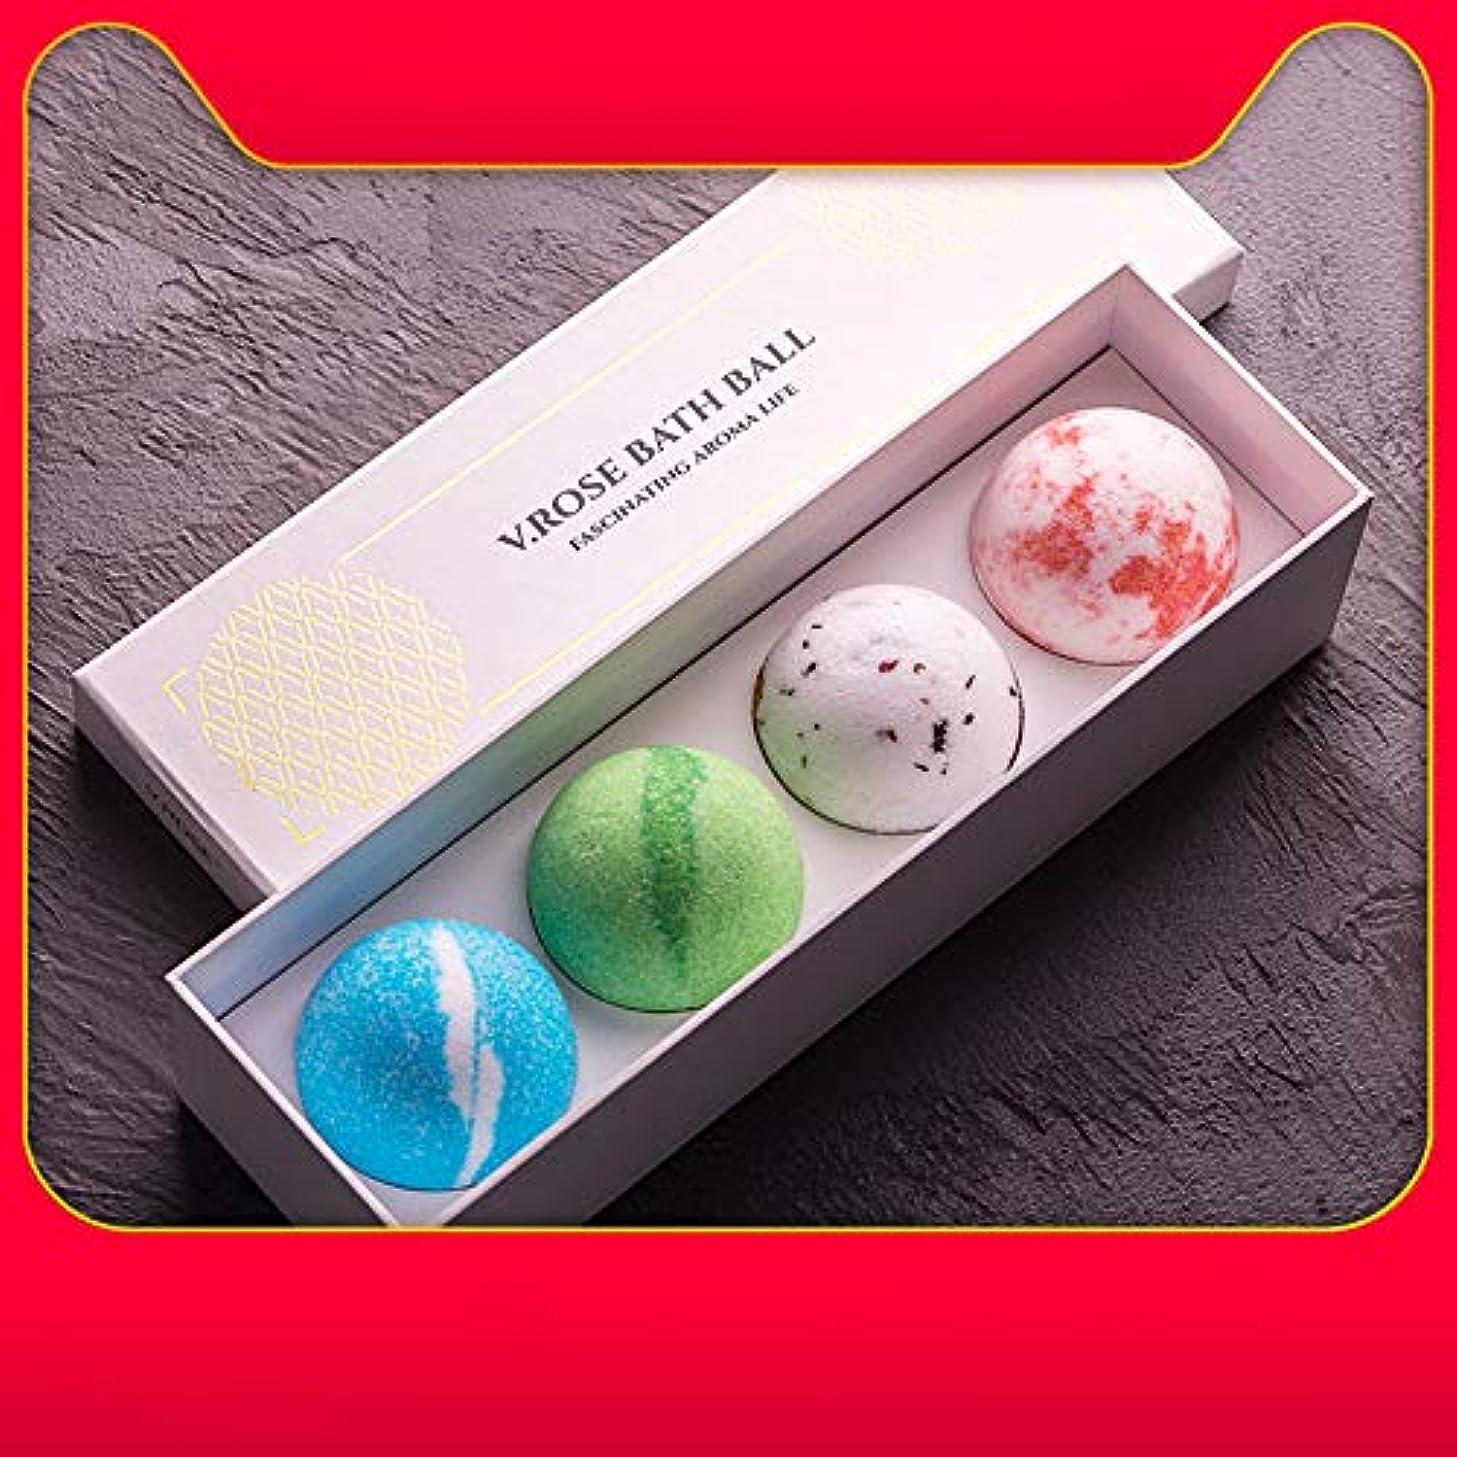 毎年鉛筆指定するバスボム 炭酸 入浴剤 ギフト 手作り お風呂用 4つの香りキット 天然素材 カラフル バスボール 母の日 結婚記念日 プレゼント